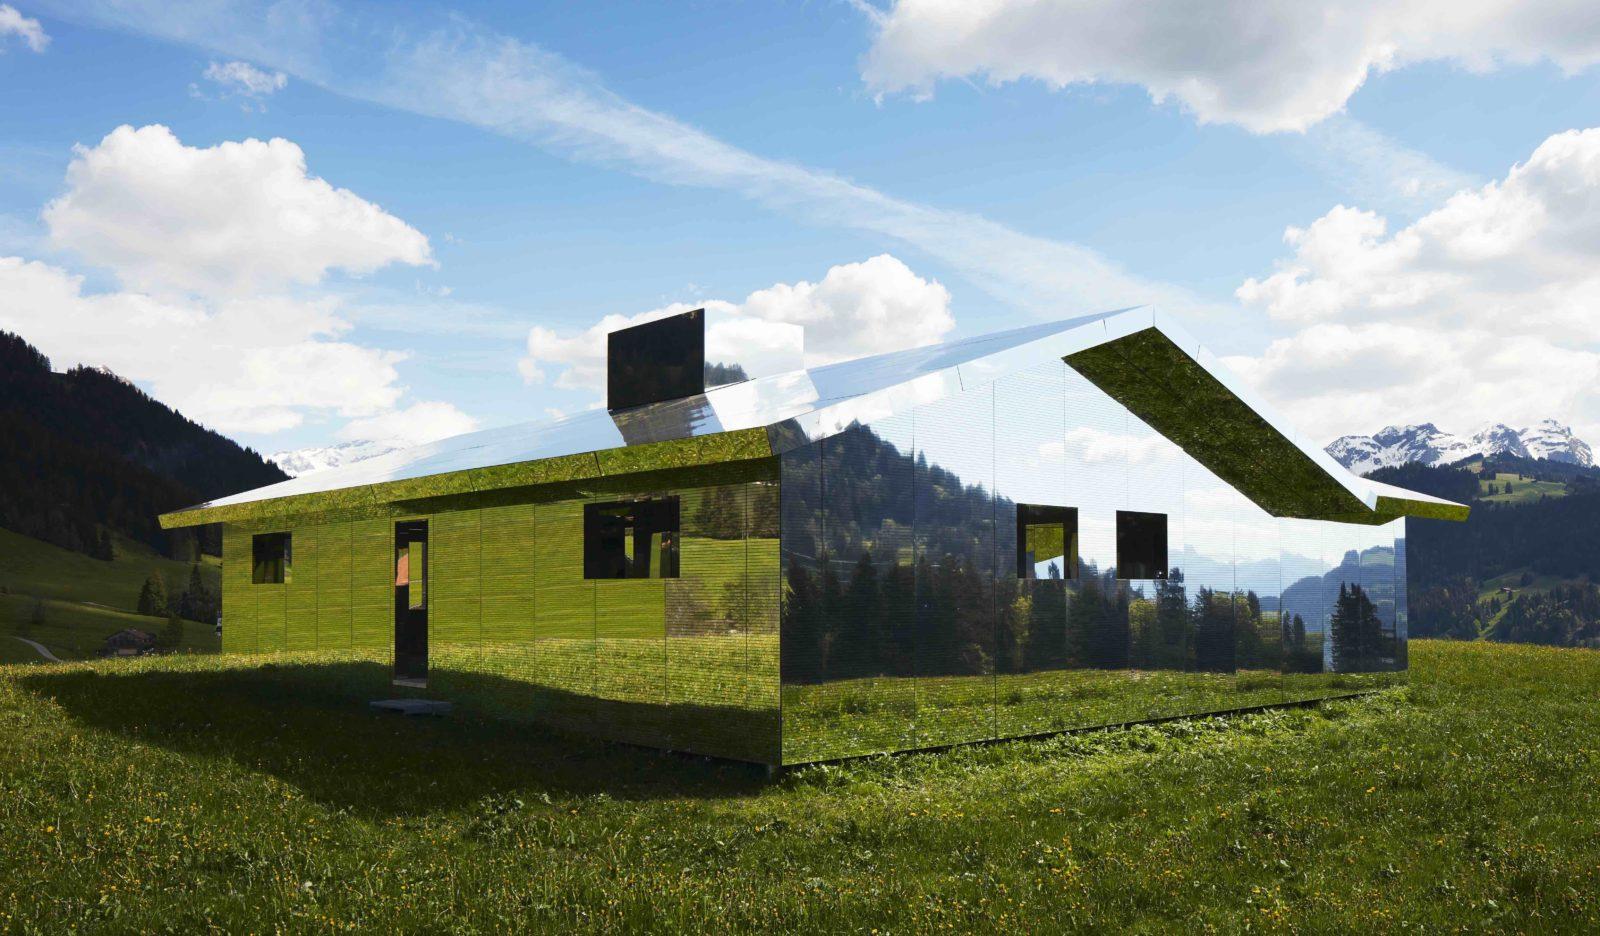 Mirage Gstaad Doug Aitken verdure